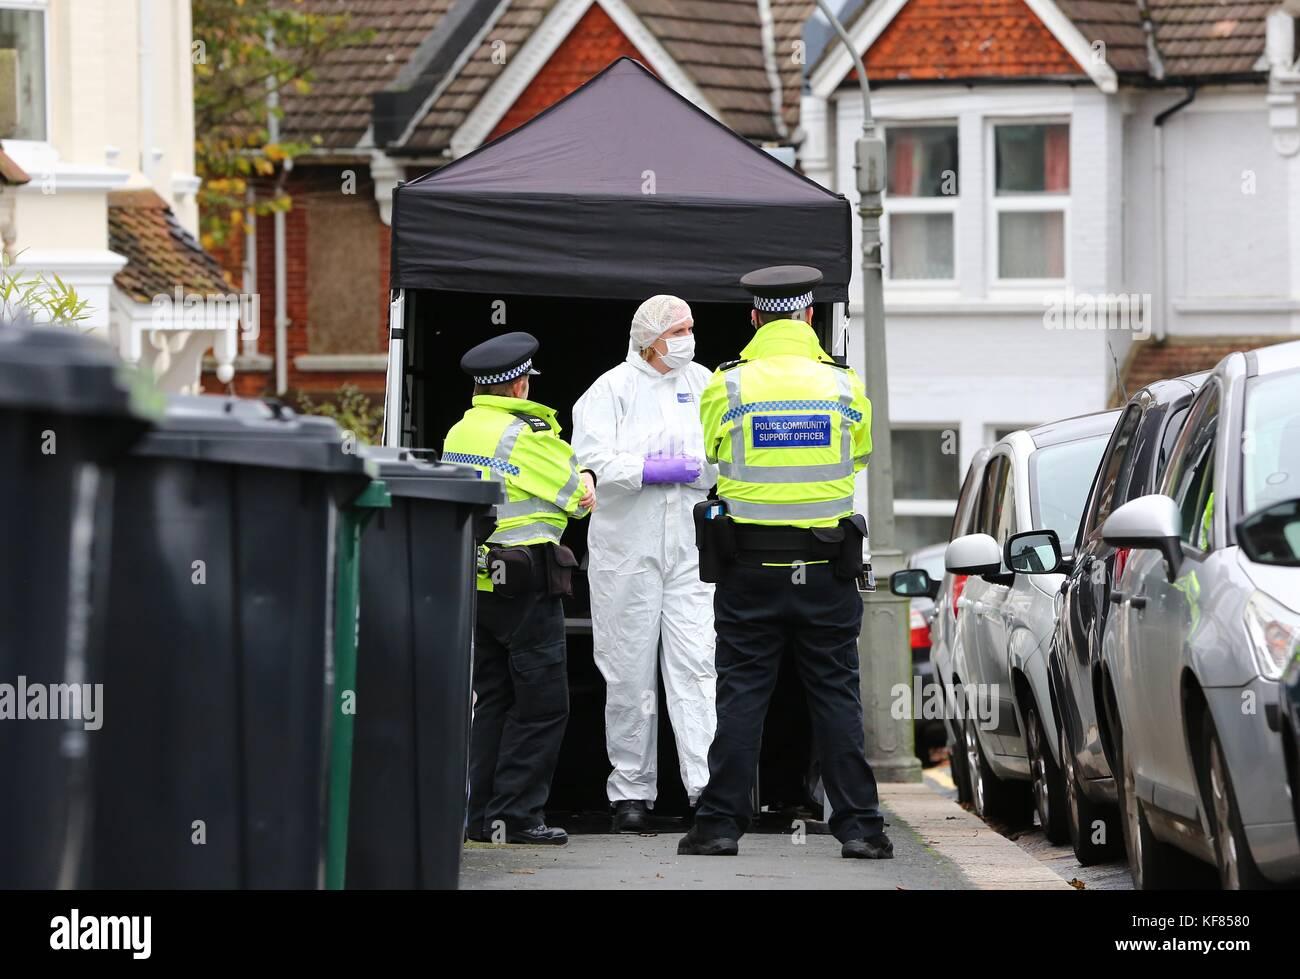 Brighton, UK. 26th October, 2017. Police Scene of Crime Officer enter 8 Sandgate Road, Brighton where Jillian Howell - Stock Image